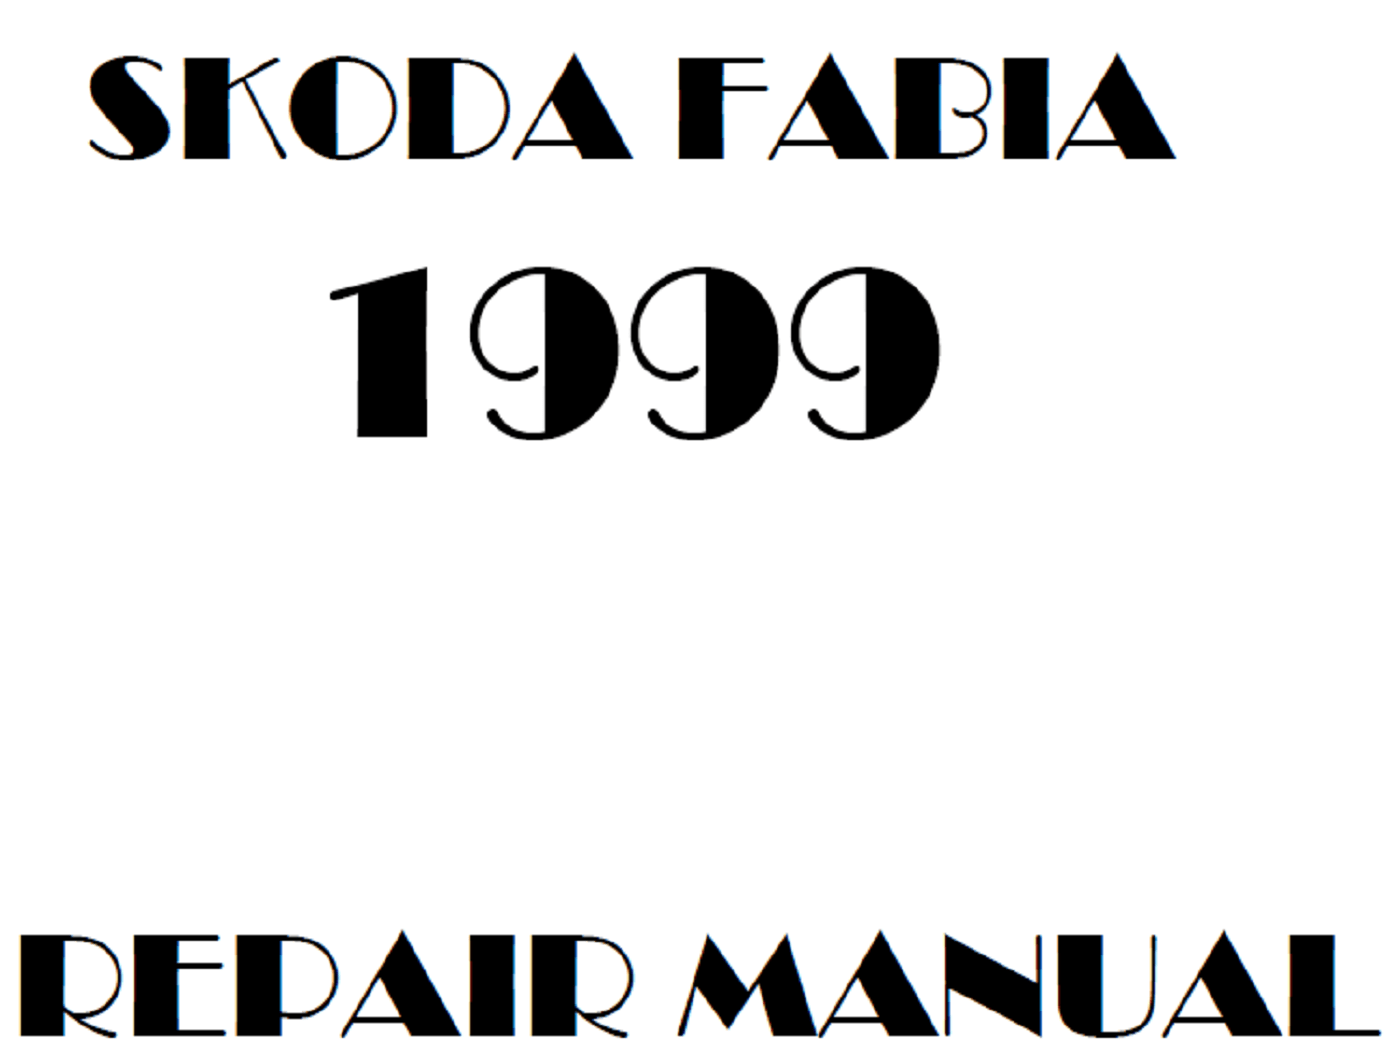 1999 Skoda Fabia repair manual